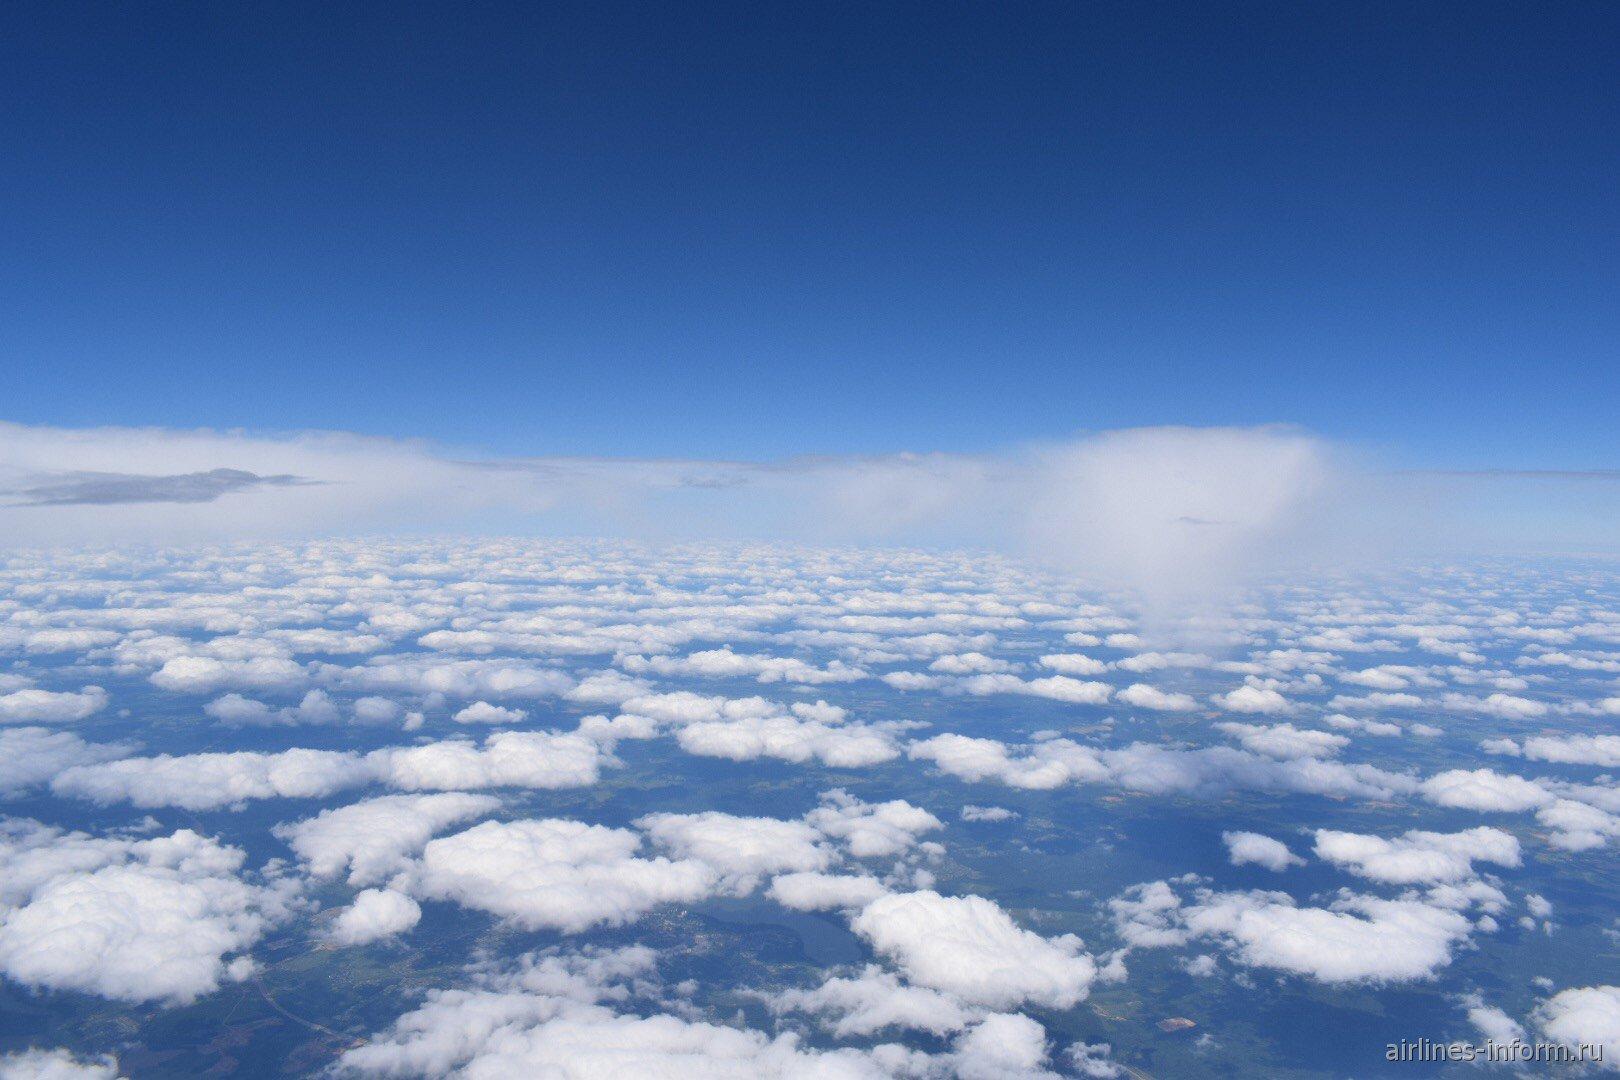 Облака во время рейса Москва-Франкфурт